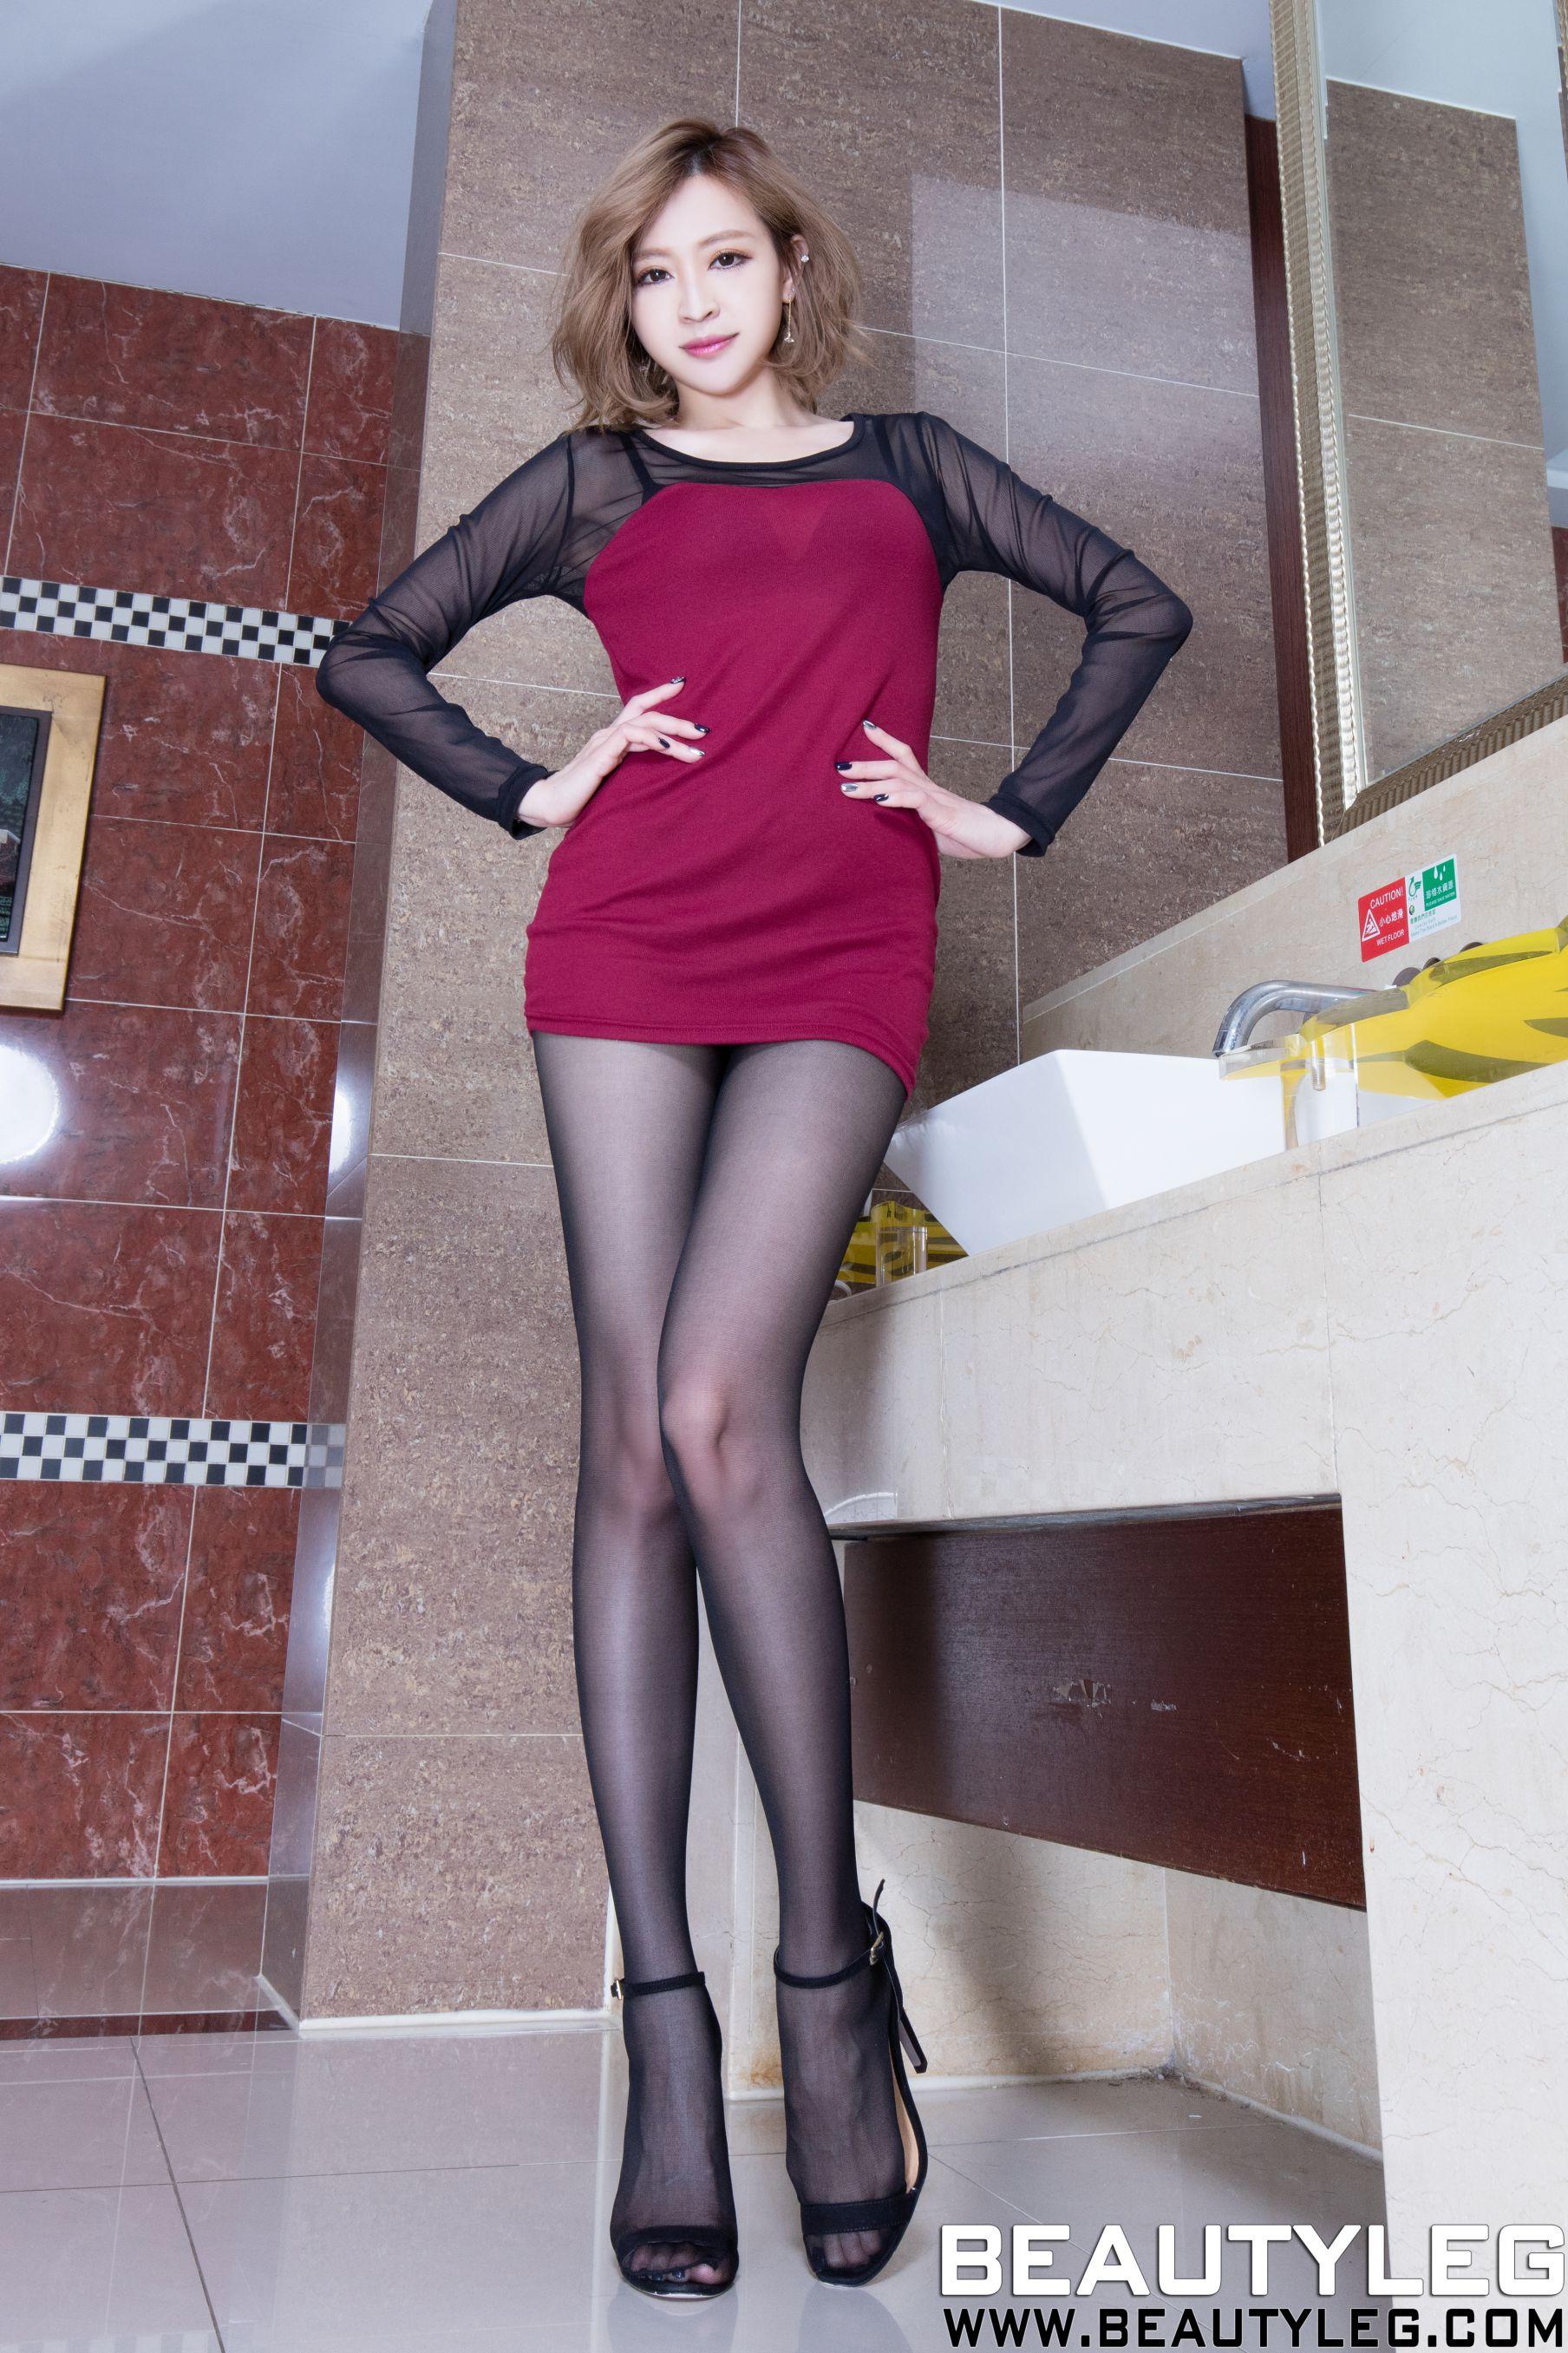 VOL.314 [Beautyleg]丝袜美女制服美腿:倪千凌(腿模Lucy,陈佳筠)高品质写真套图(52P)